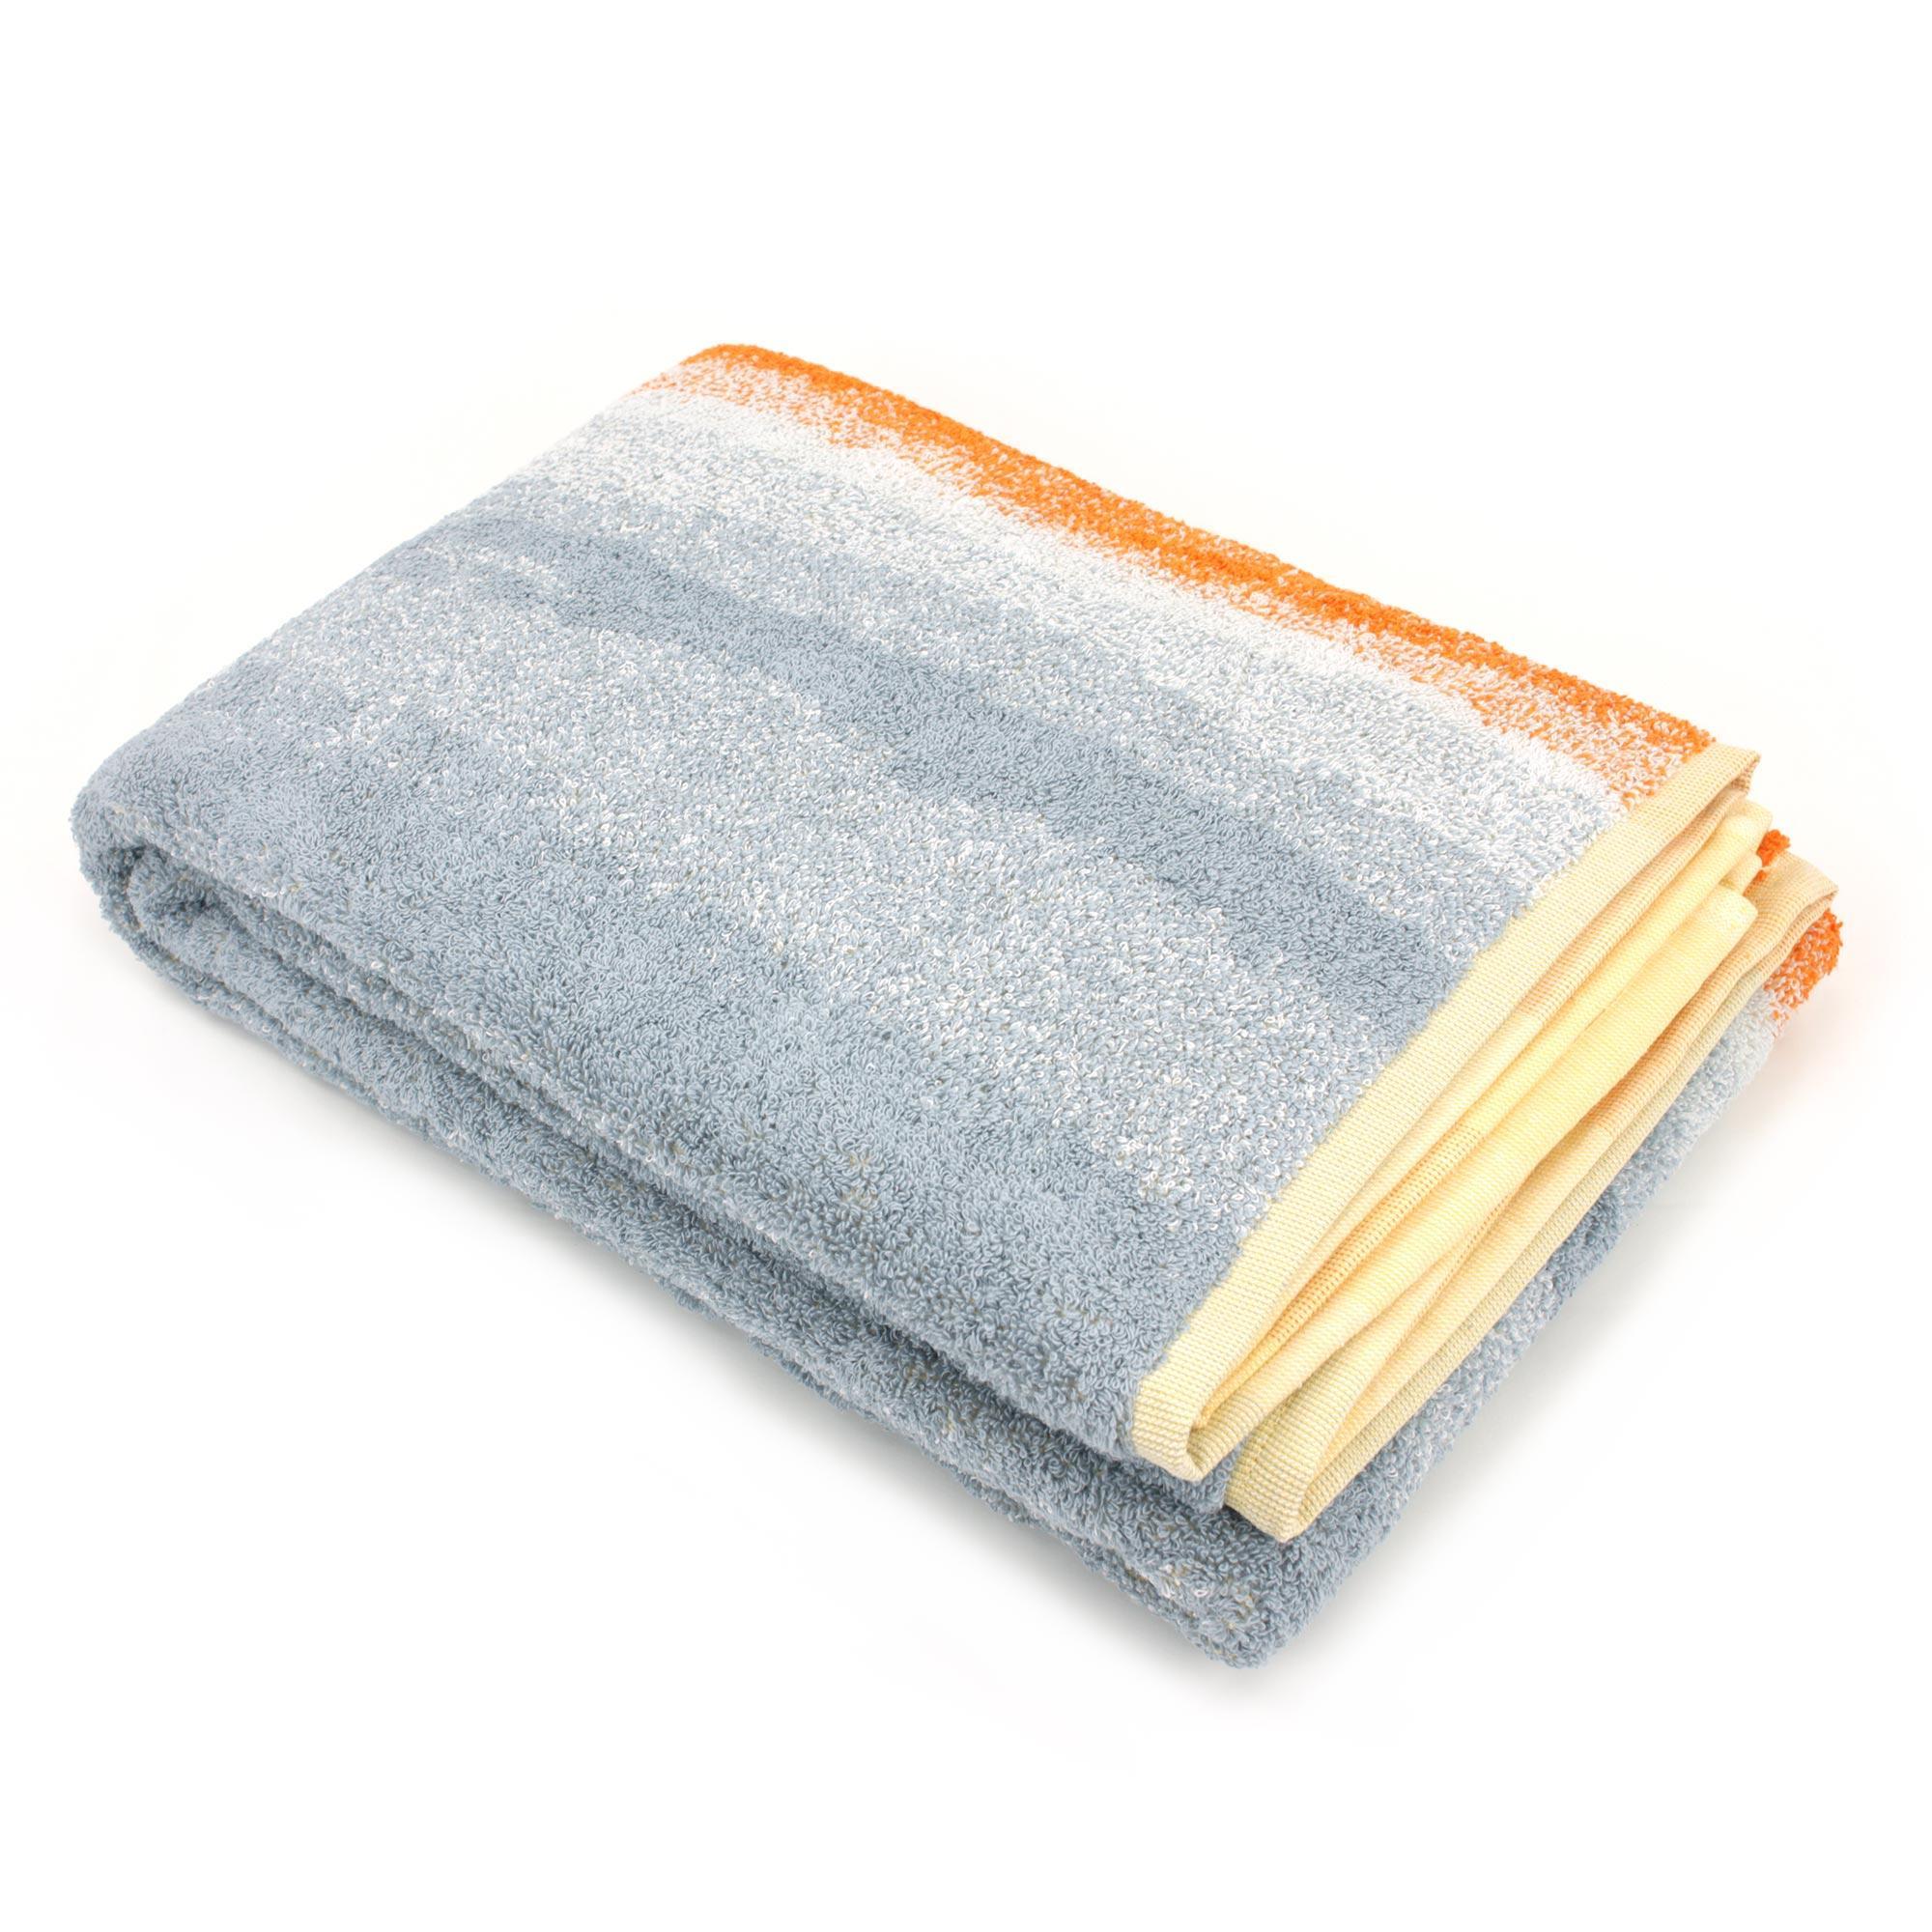 drap de bain 100x150 cm coton kodac rayures jaune gris linnea linge de maison et. Black Bedroom Furniture Sets. Home Design Ideas